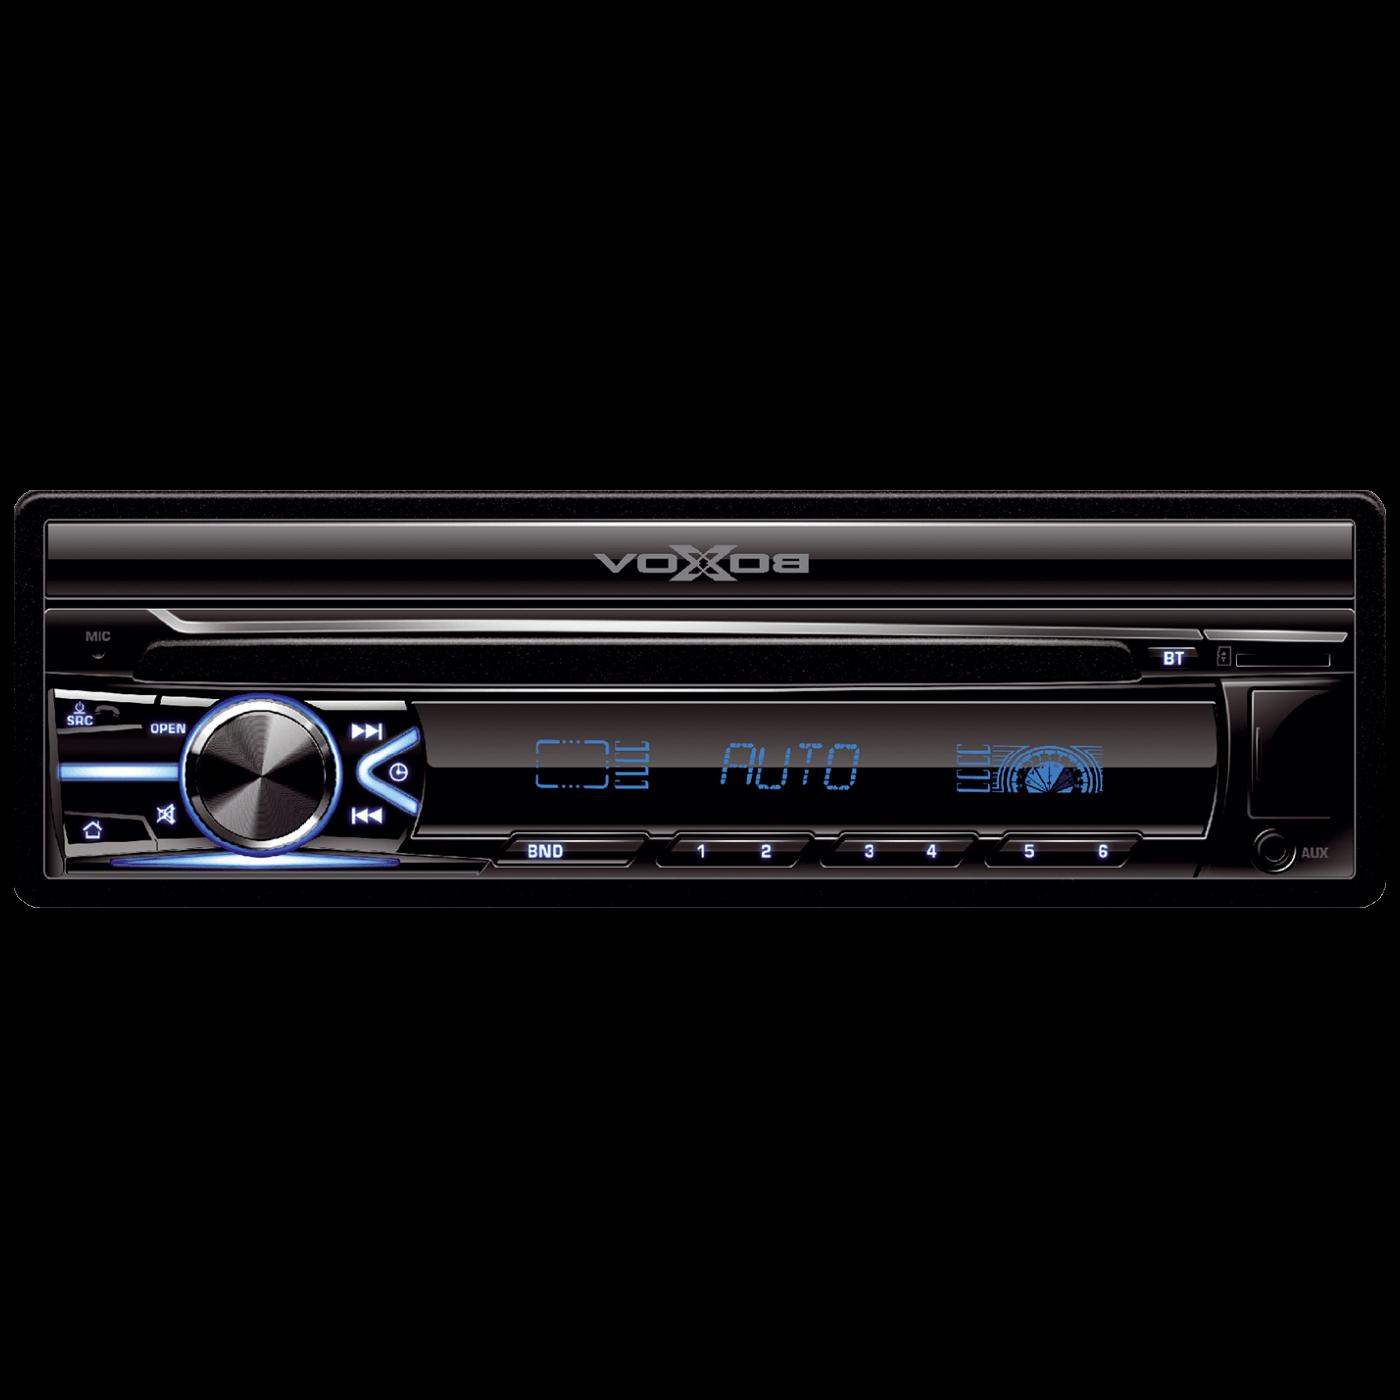 VB X800